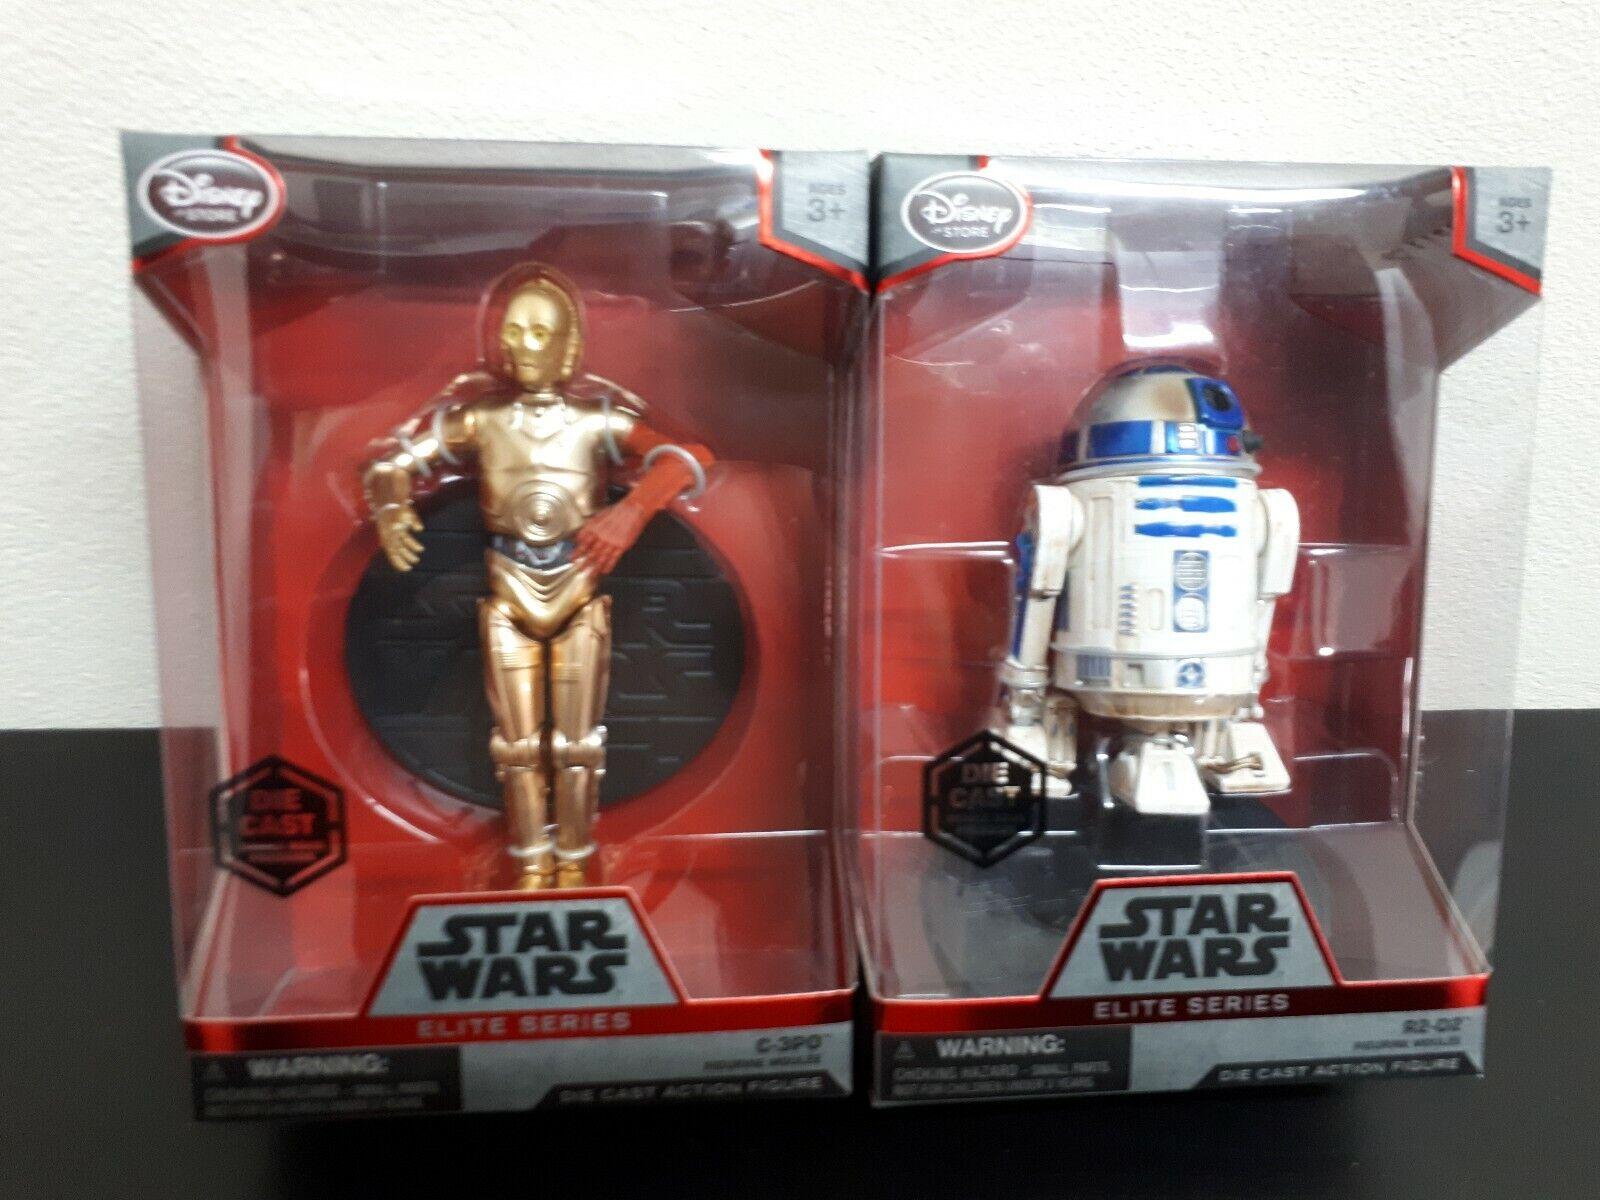 Star Wars elite series 2 figuras C3po y R2-D2 metalicas y articulables. Nuevas